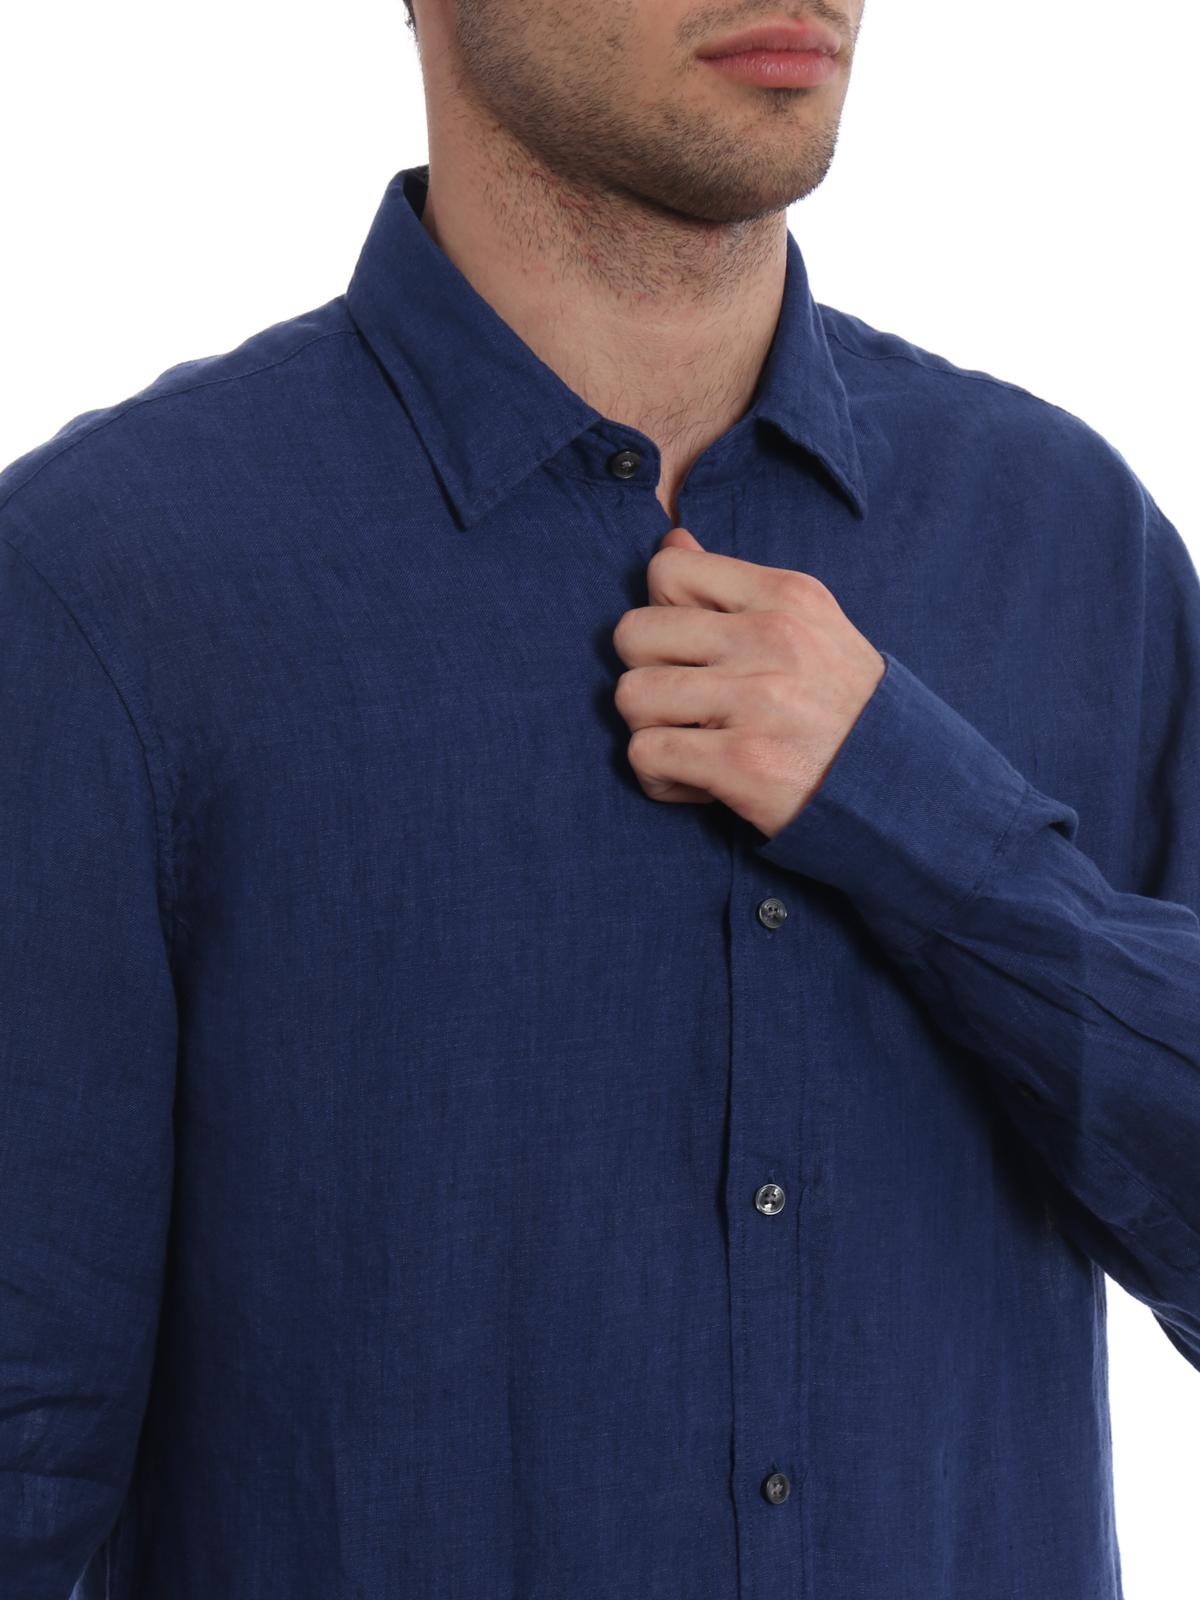 super popular ca10d 5d1f1 Michael Kors - Camicia in lino blu notte - camicie ...